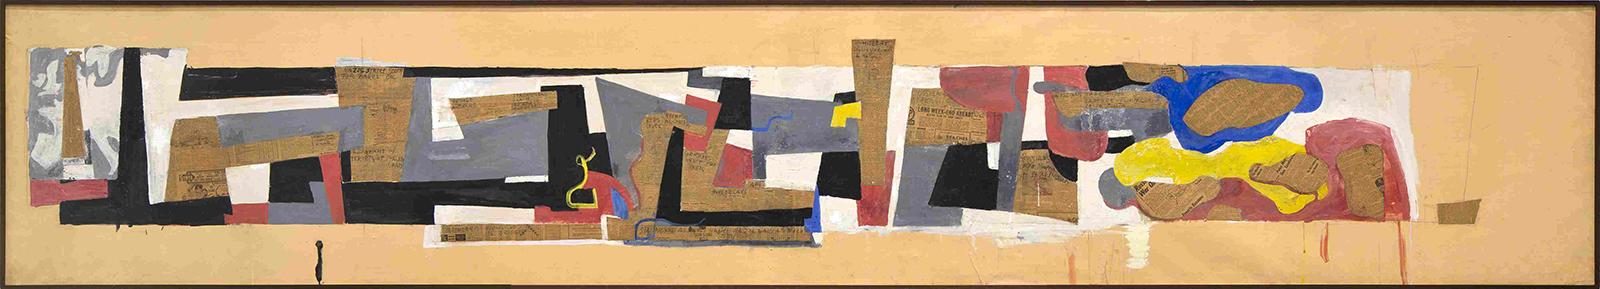 Hans Richter, Stalingrad (Sieg im Osten),1943/46, Rollenbild, Tempera, Collage auf Papier über Leinwand, 94 x 512 cm